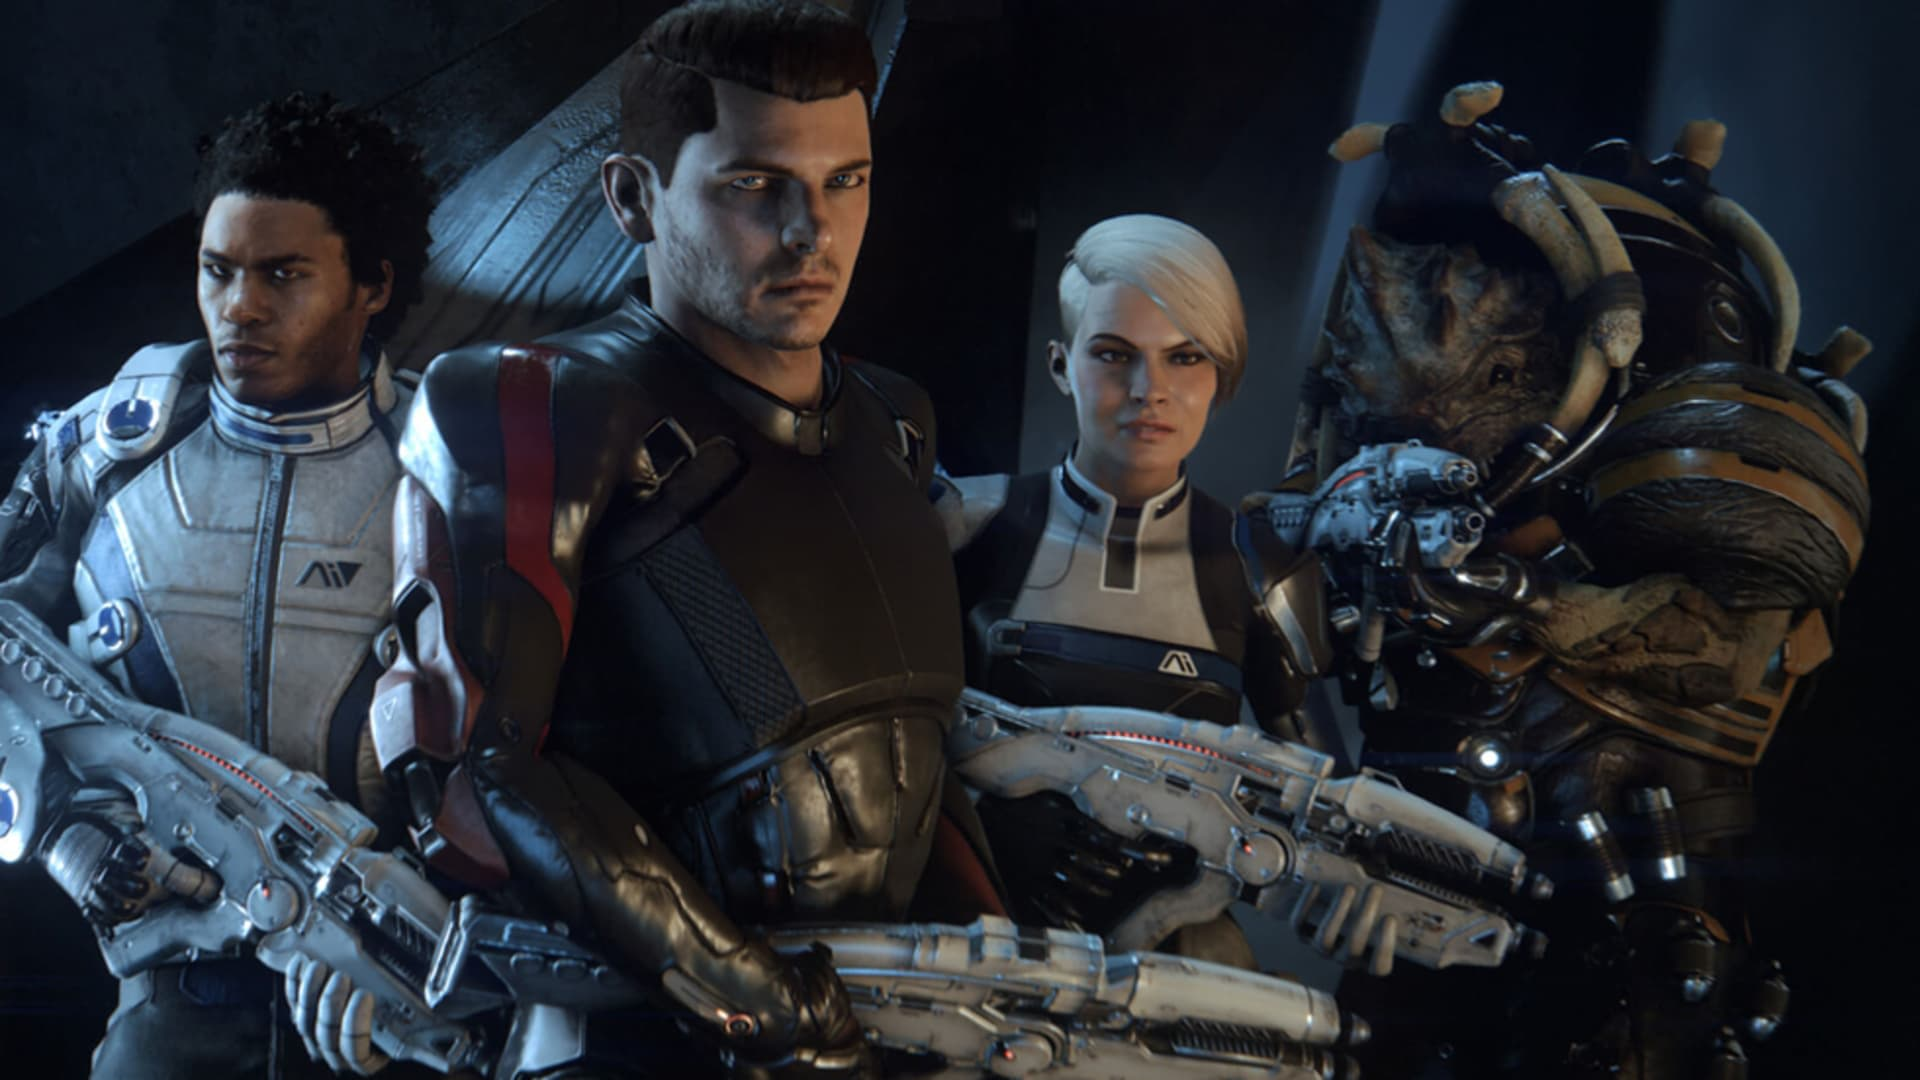 Allt du behöver veta om Mass Effect: Andromeda!